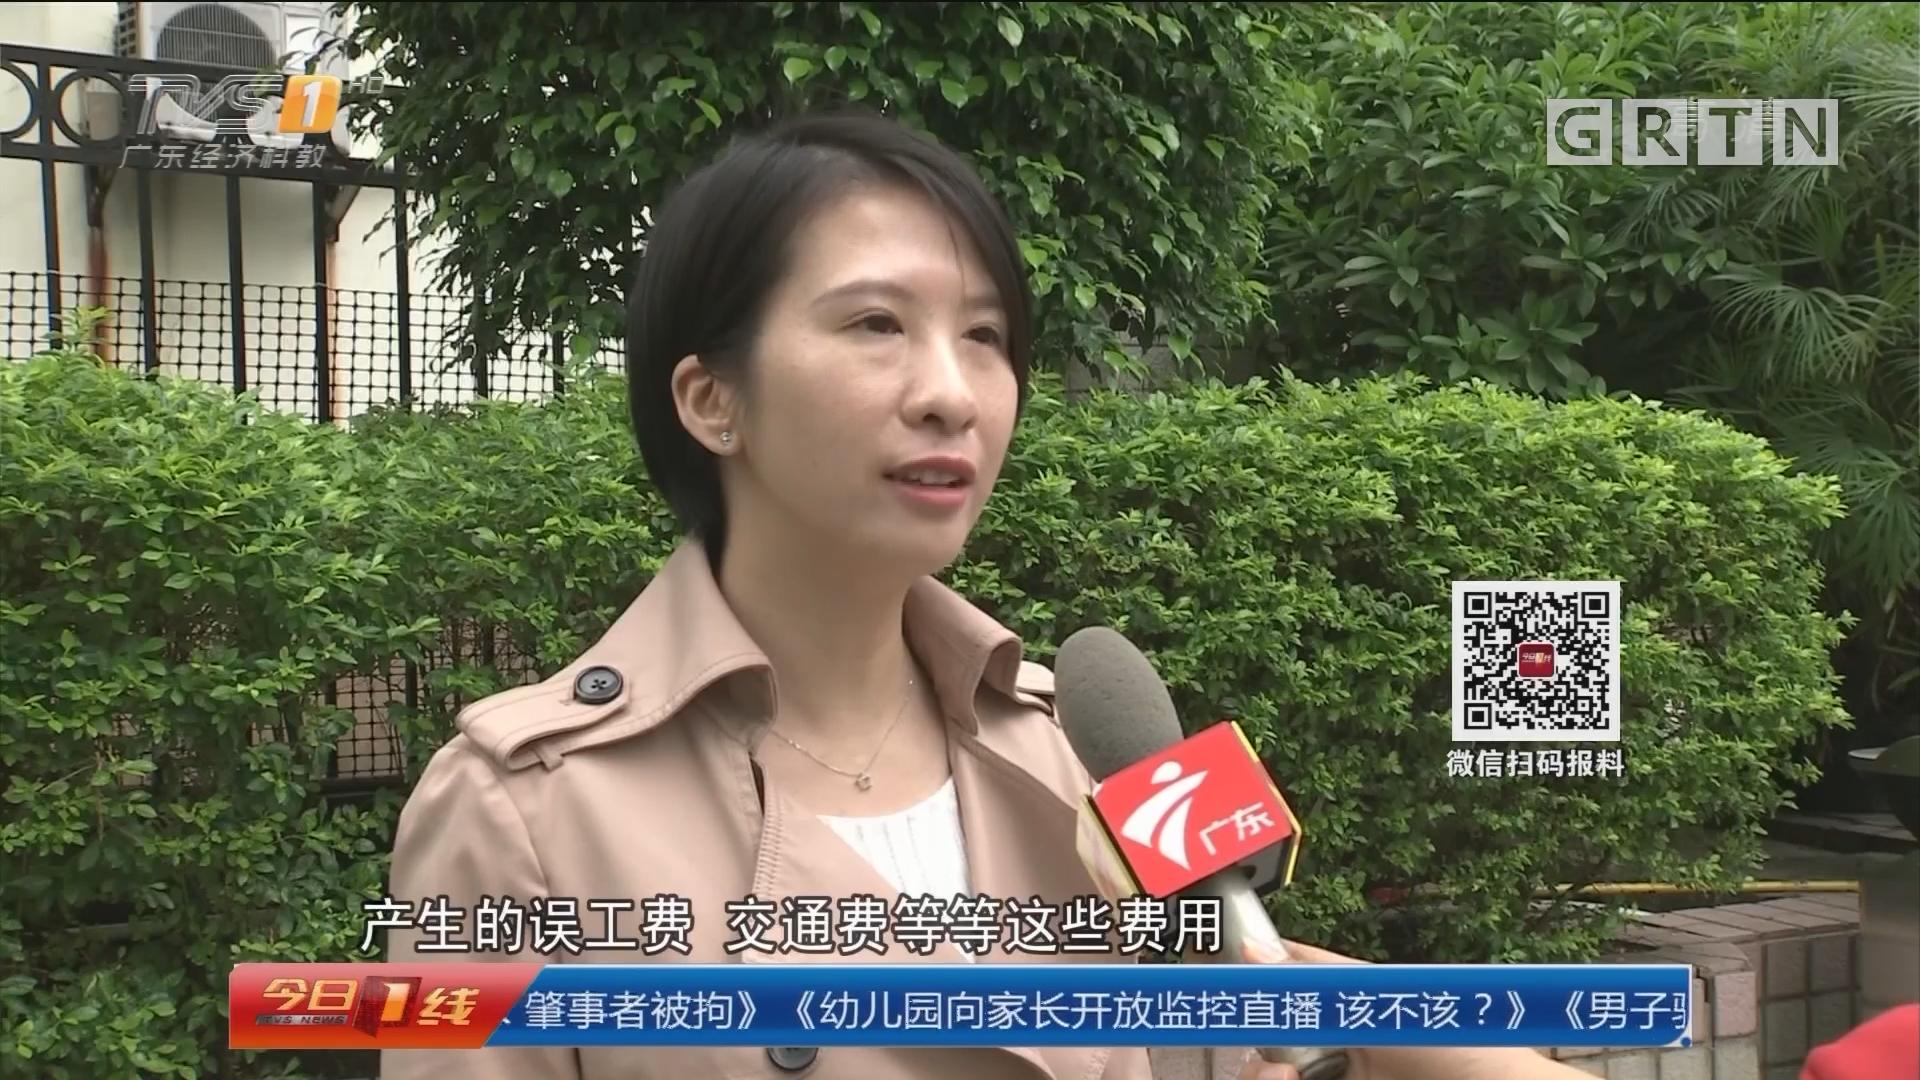 关注儿童安全:广州荔湾 男童幼儿园内被铁柜砸伤 园方担责